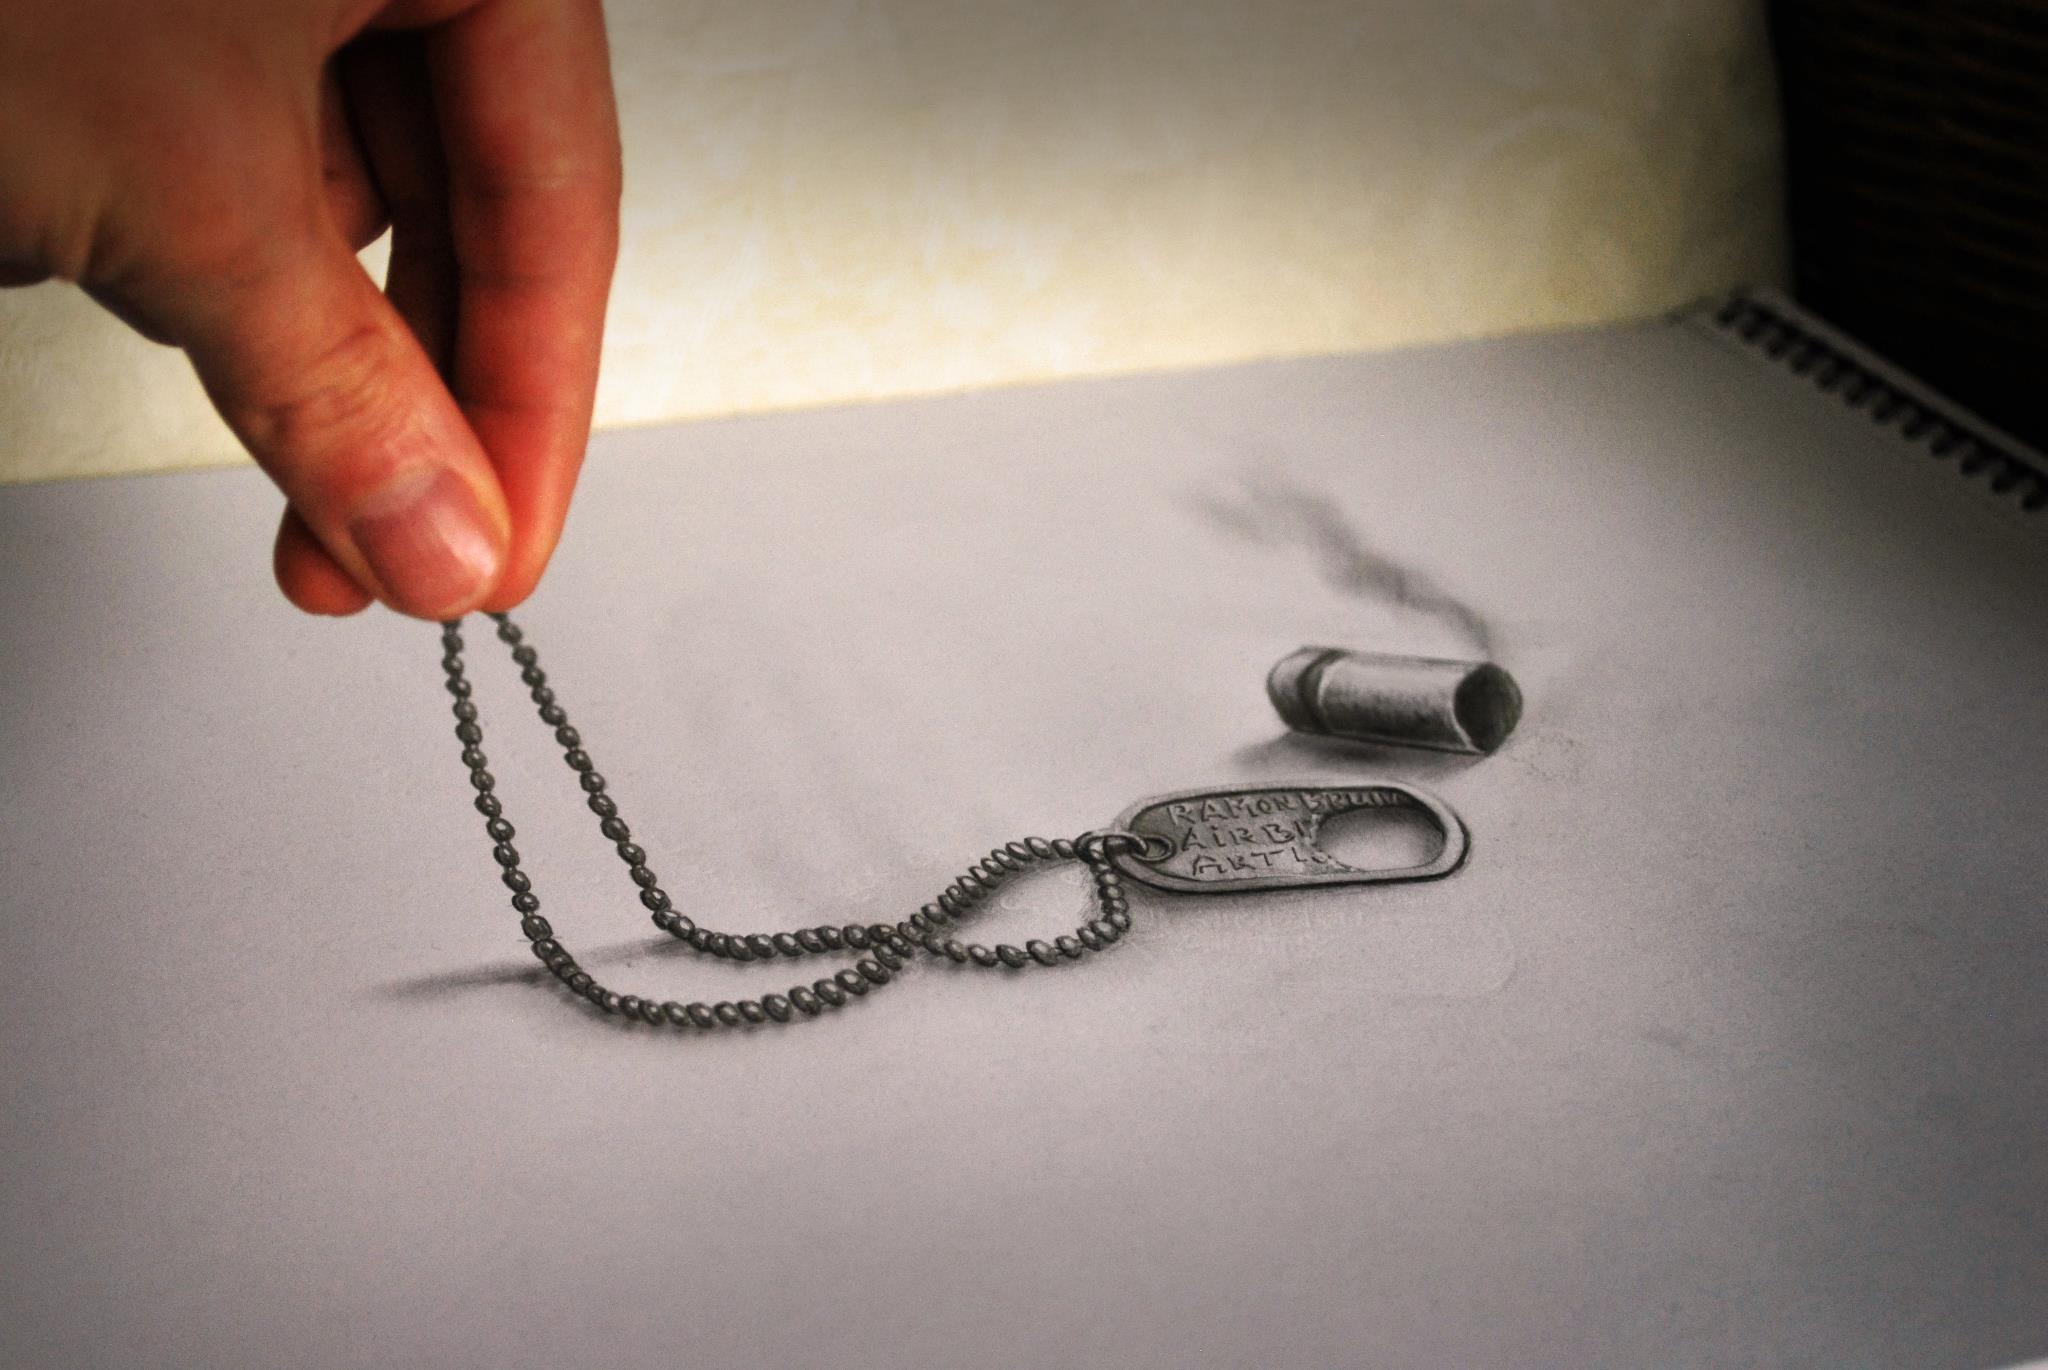 Super Cool 3d Drawings Ii Ripley 39 S Believe It Or Not